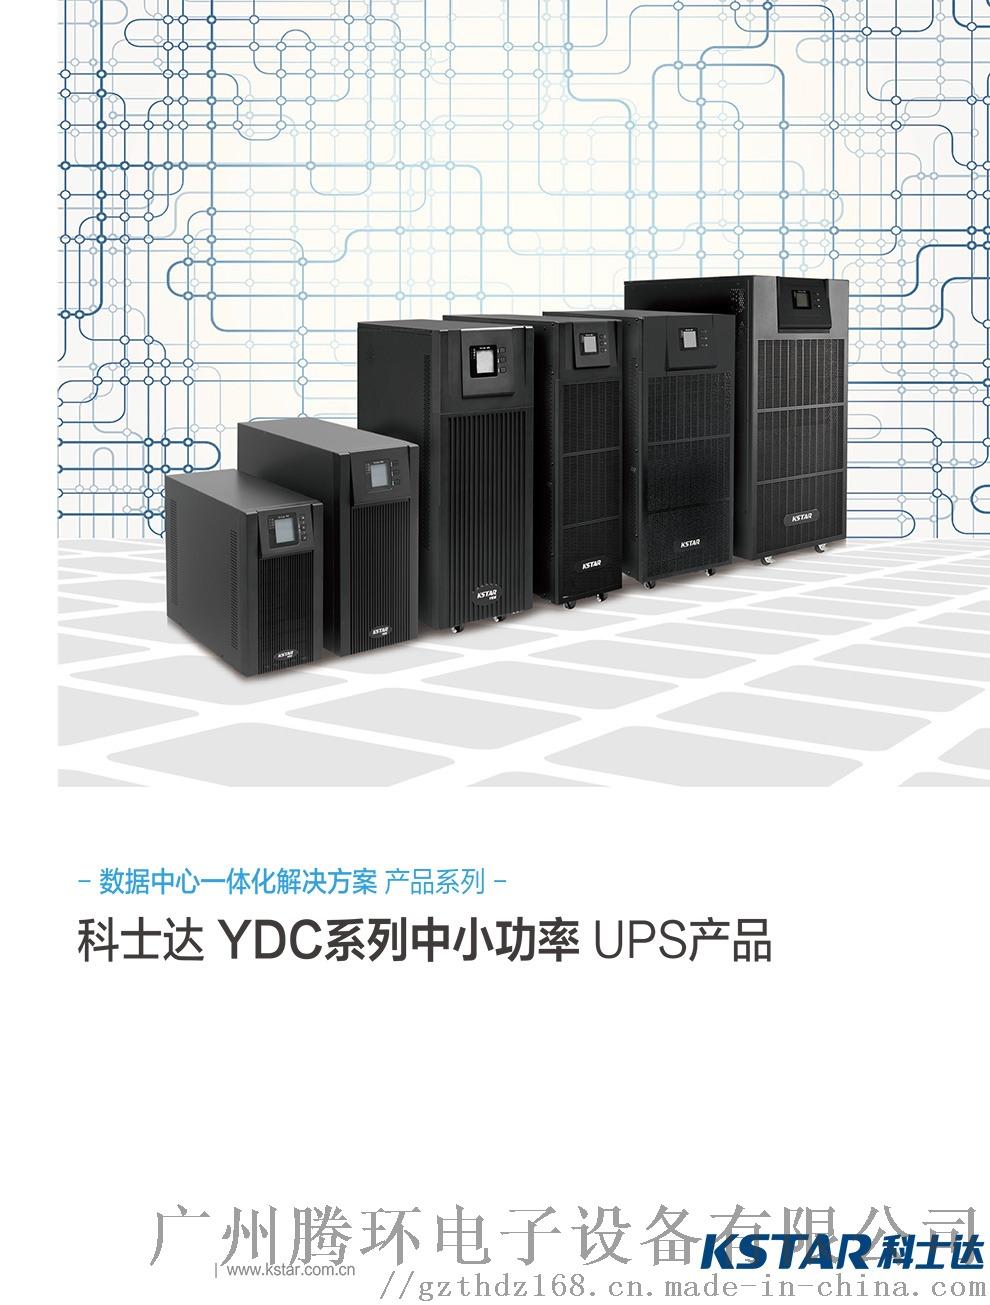 科士達YDC9300系列UPS電源10KVA主機125171645